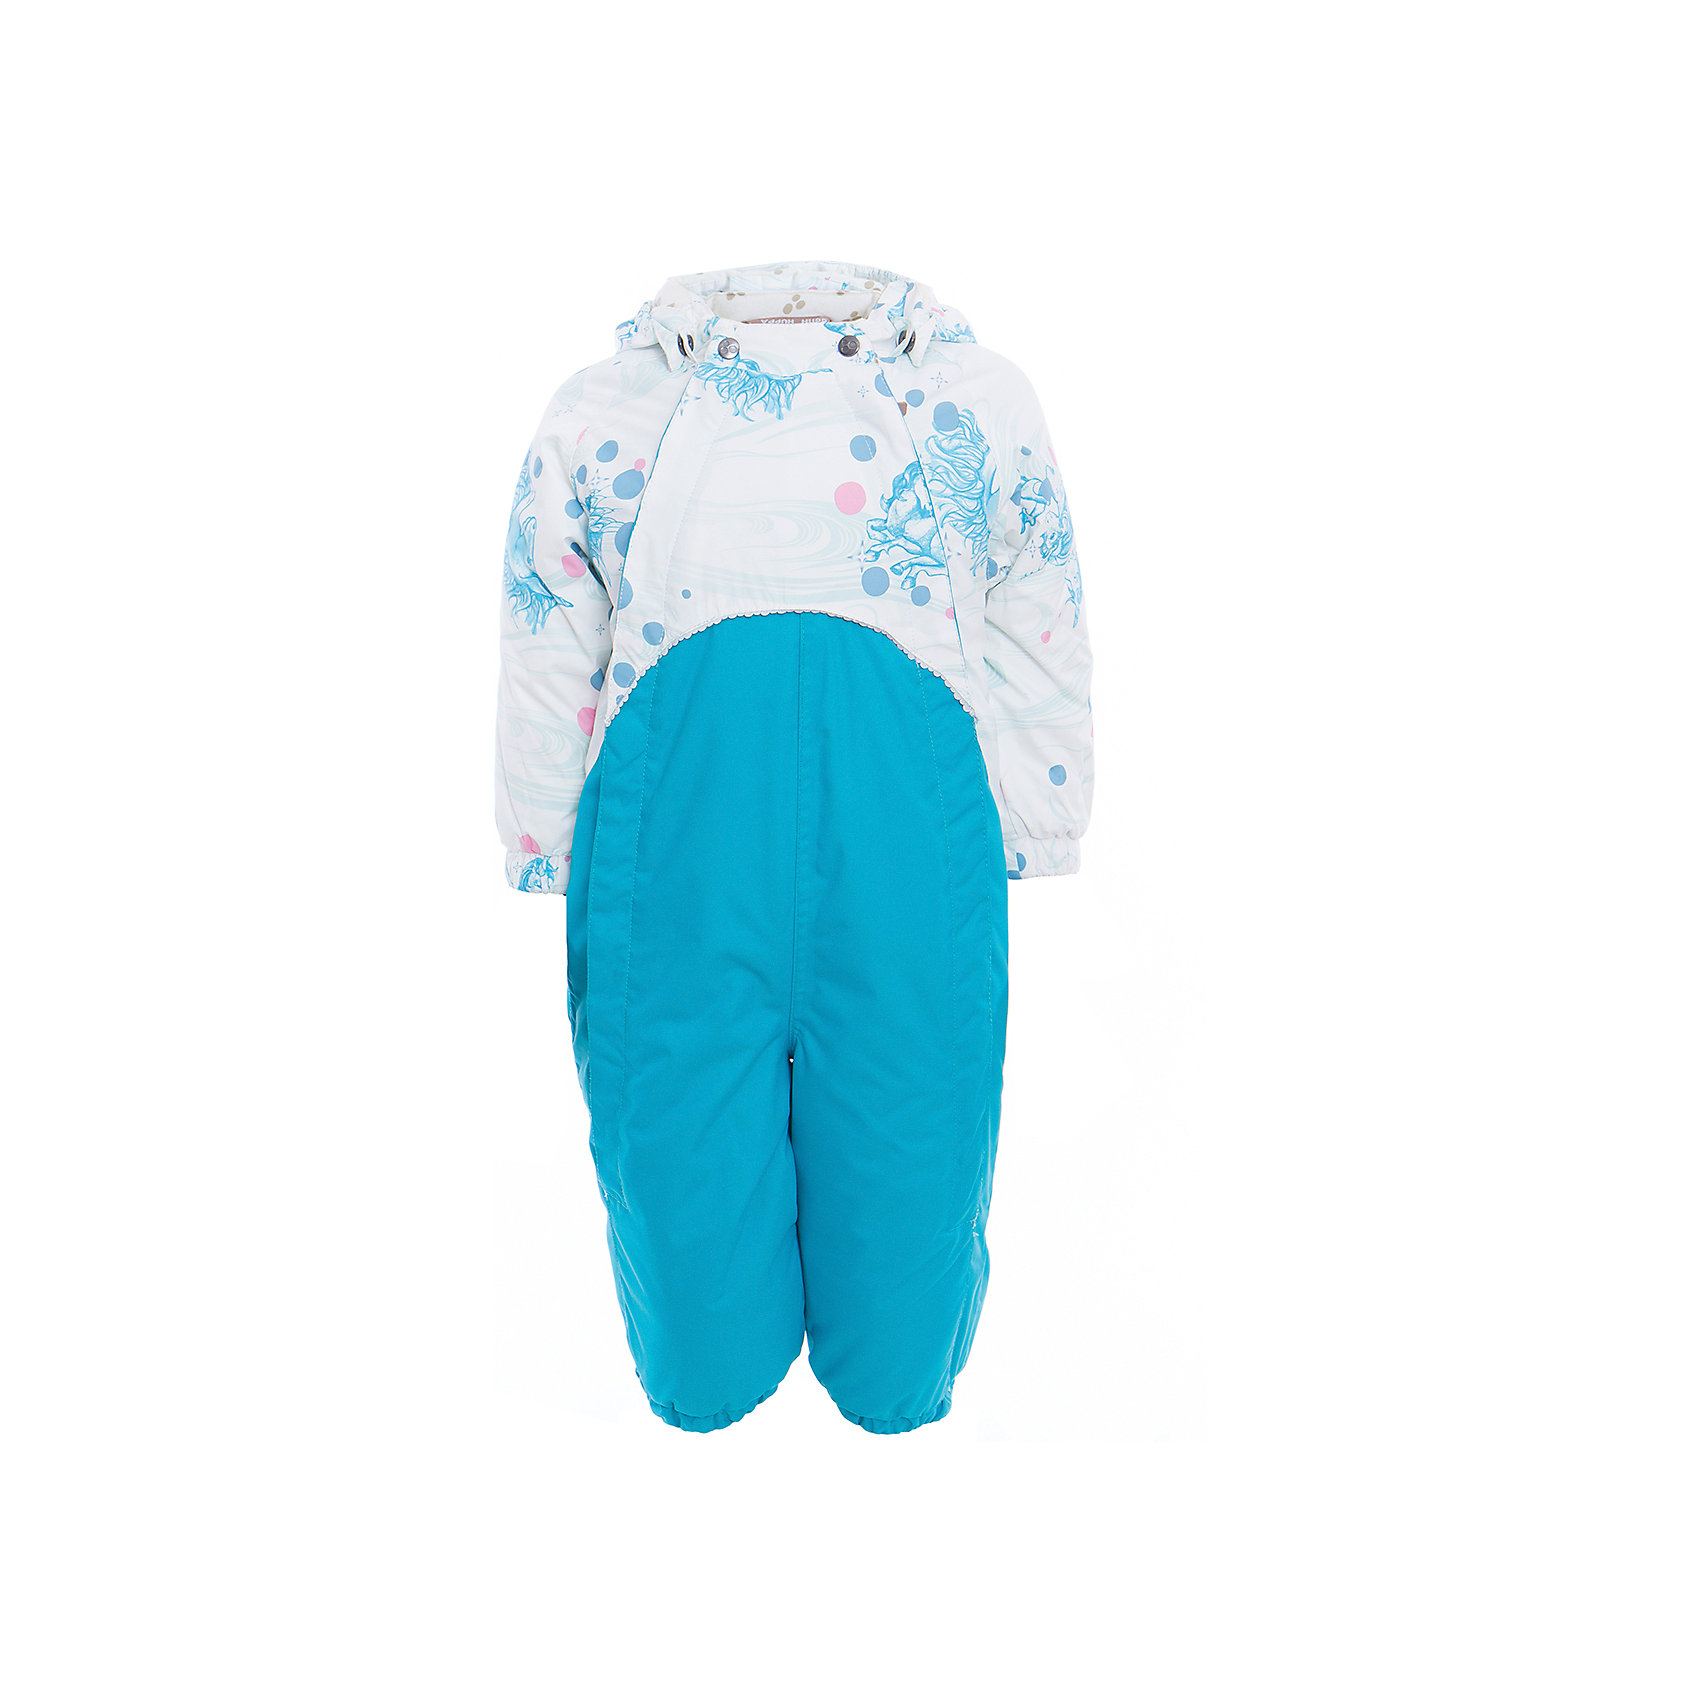 Комбинезон GOLDEN HuppaВерхняя одежда<br>Характеристики товара:<br><br>• цвет: белый принт/голубой<br>• ткань: 100% полиэстер<br>• подкладка: фланель - 100% хлопок<br>• утеплитель: 100% полиэстер 100 г<br>• температурный режим: от -5°С до +10°С<br>• водонепроницаемость: верх - 5000 мм, низ - 10000 мм<br>• воздухопроницаемость: верх - 5000 мм, низ - 10000 мм<br>• светоотражающие детали<br>• мягкая подкладка<br>• шов сидения и боковые швы проклеены<br>• съёмный капюшон с резинкой<br>• манжеты рукавов с резинкой<br>• манжеты с отворотом у размеров 62-80<br>• манжеты брюк с резинкой<br>• съёмные эластичные штрипки<br>• без внутренних швов<br>• коллекция: весна-лето 2017<br>• страна бренда: Эстония<br><br>Этот удобный комбинезон обеспечит детям тепло и комфорт. Он сделан из материала, отталкивающего воду, и дополнен подкладкой с утеплителем, поэтому изделие идеально подходит для межсезонья. Материал изделия - с мембранной технологией: защищая от влаги и ветра, он легко выводит лишнюю влагу наружу. Комбинезон очень симпатично смотрится. <br><br>Одежда и обувь от популярного эстонского бренда Huppa - отличный вариант одеть ребенка можно и комфортно. Вещи, выпускаемые компанией, качественные, продуманные и очень удобные. Для производства изделий используются только безопасные для детей материалы. Продукция от Huppa порадует и детей, и их родителей!<br><br>Комбинезон GOLDEN от бренда Huppa (Хуппа) можно купить в нашем интернет-магазине.<br><br>Ширина мм: 356<br>Глубина мм: 10<br>Высота мм: 245<br>Вес г: 519<br>Цвет: белый<br>Возраст от месяцев: 24<br>Возраст до месяцев: 36<br>Пол: Унисекс<br>Возраст: Детский<br>Размер: 98,74,80,86,92<br>SKU: 5346482